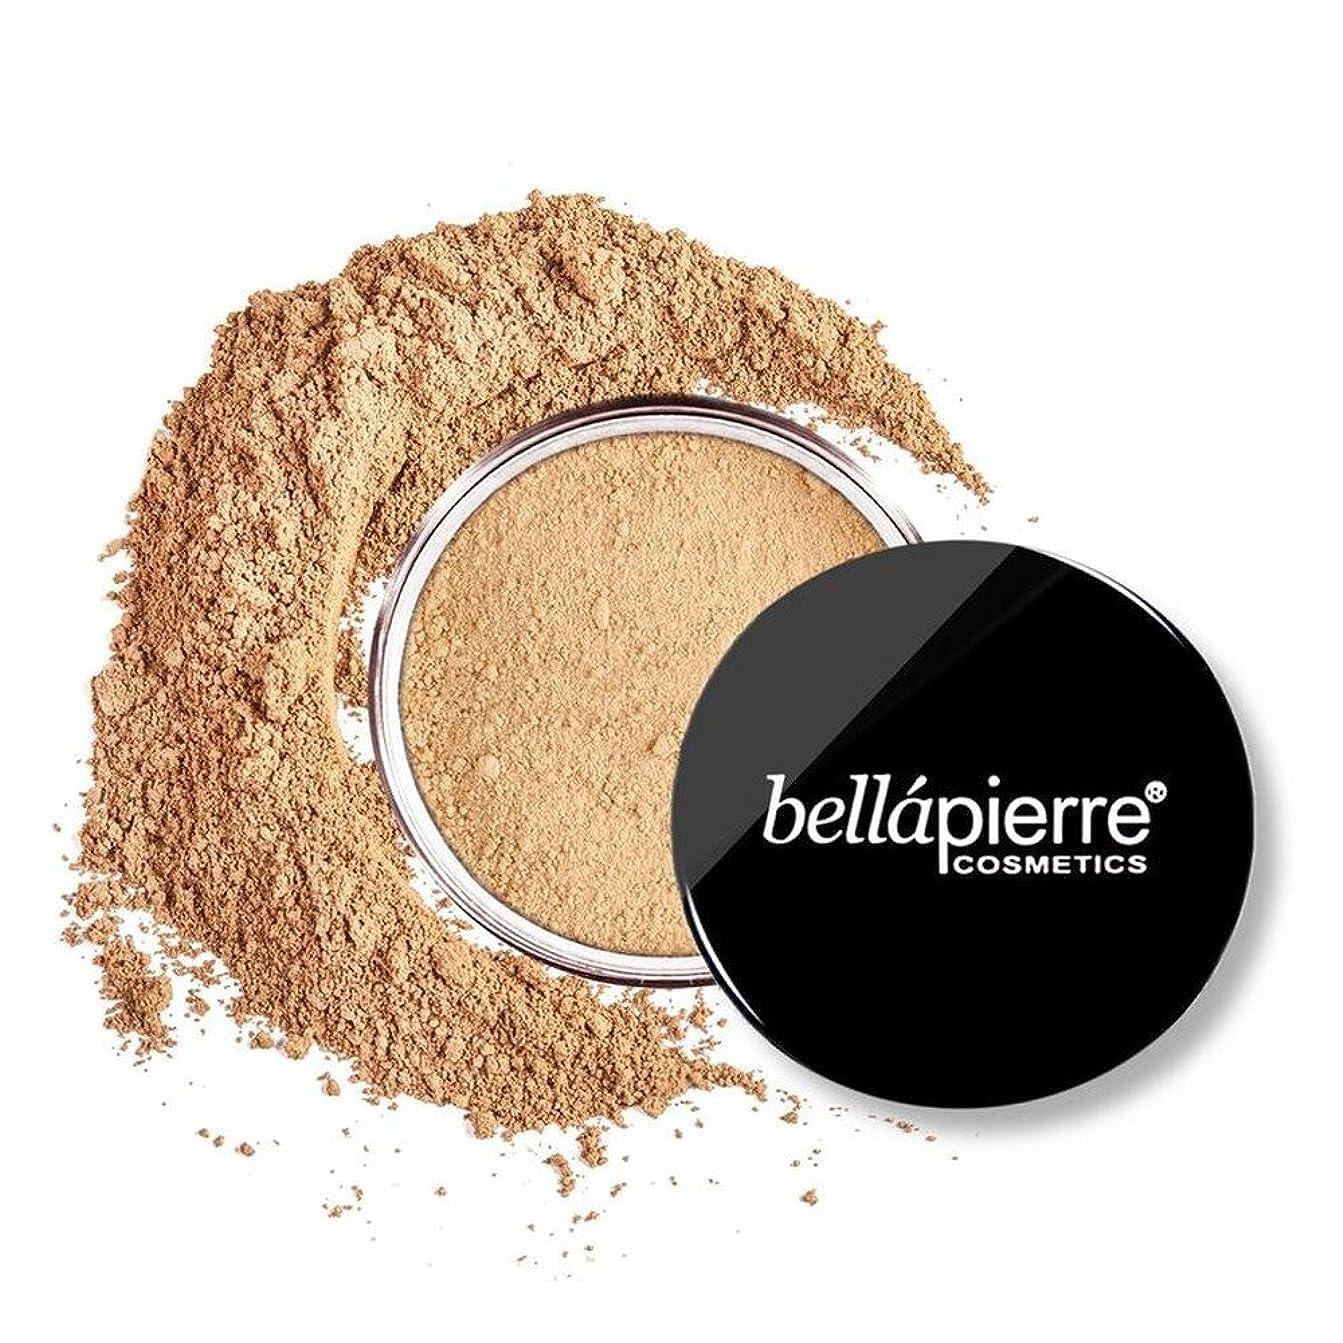 毛布耕す悪いBellapierre Cosmetics Mineral Foundation SPF 15 - # Nutmeg 9g/0.32oz並行輸入品